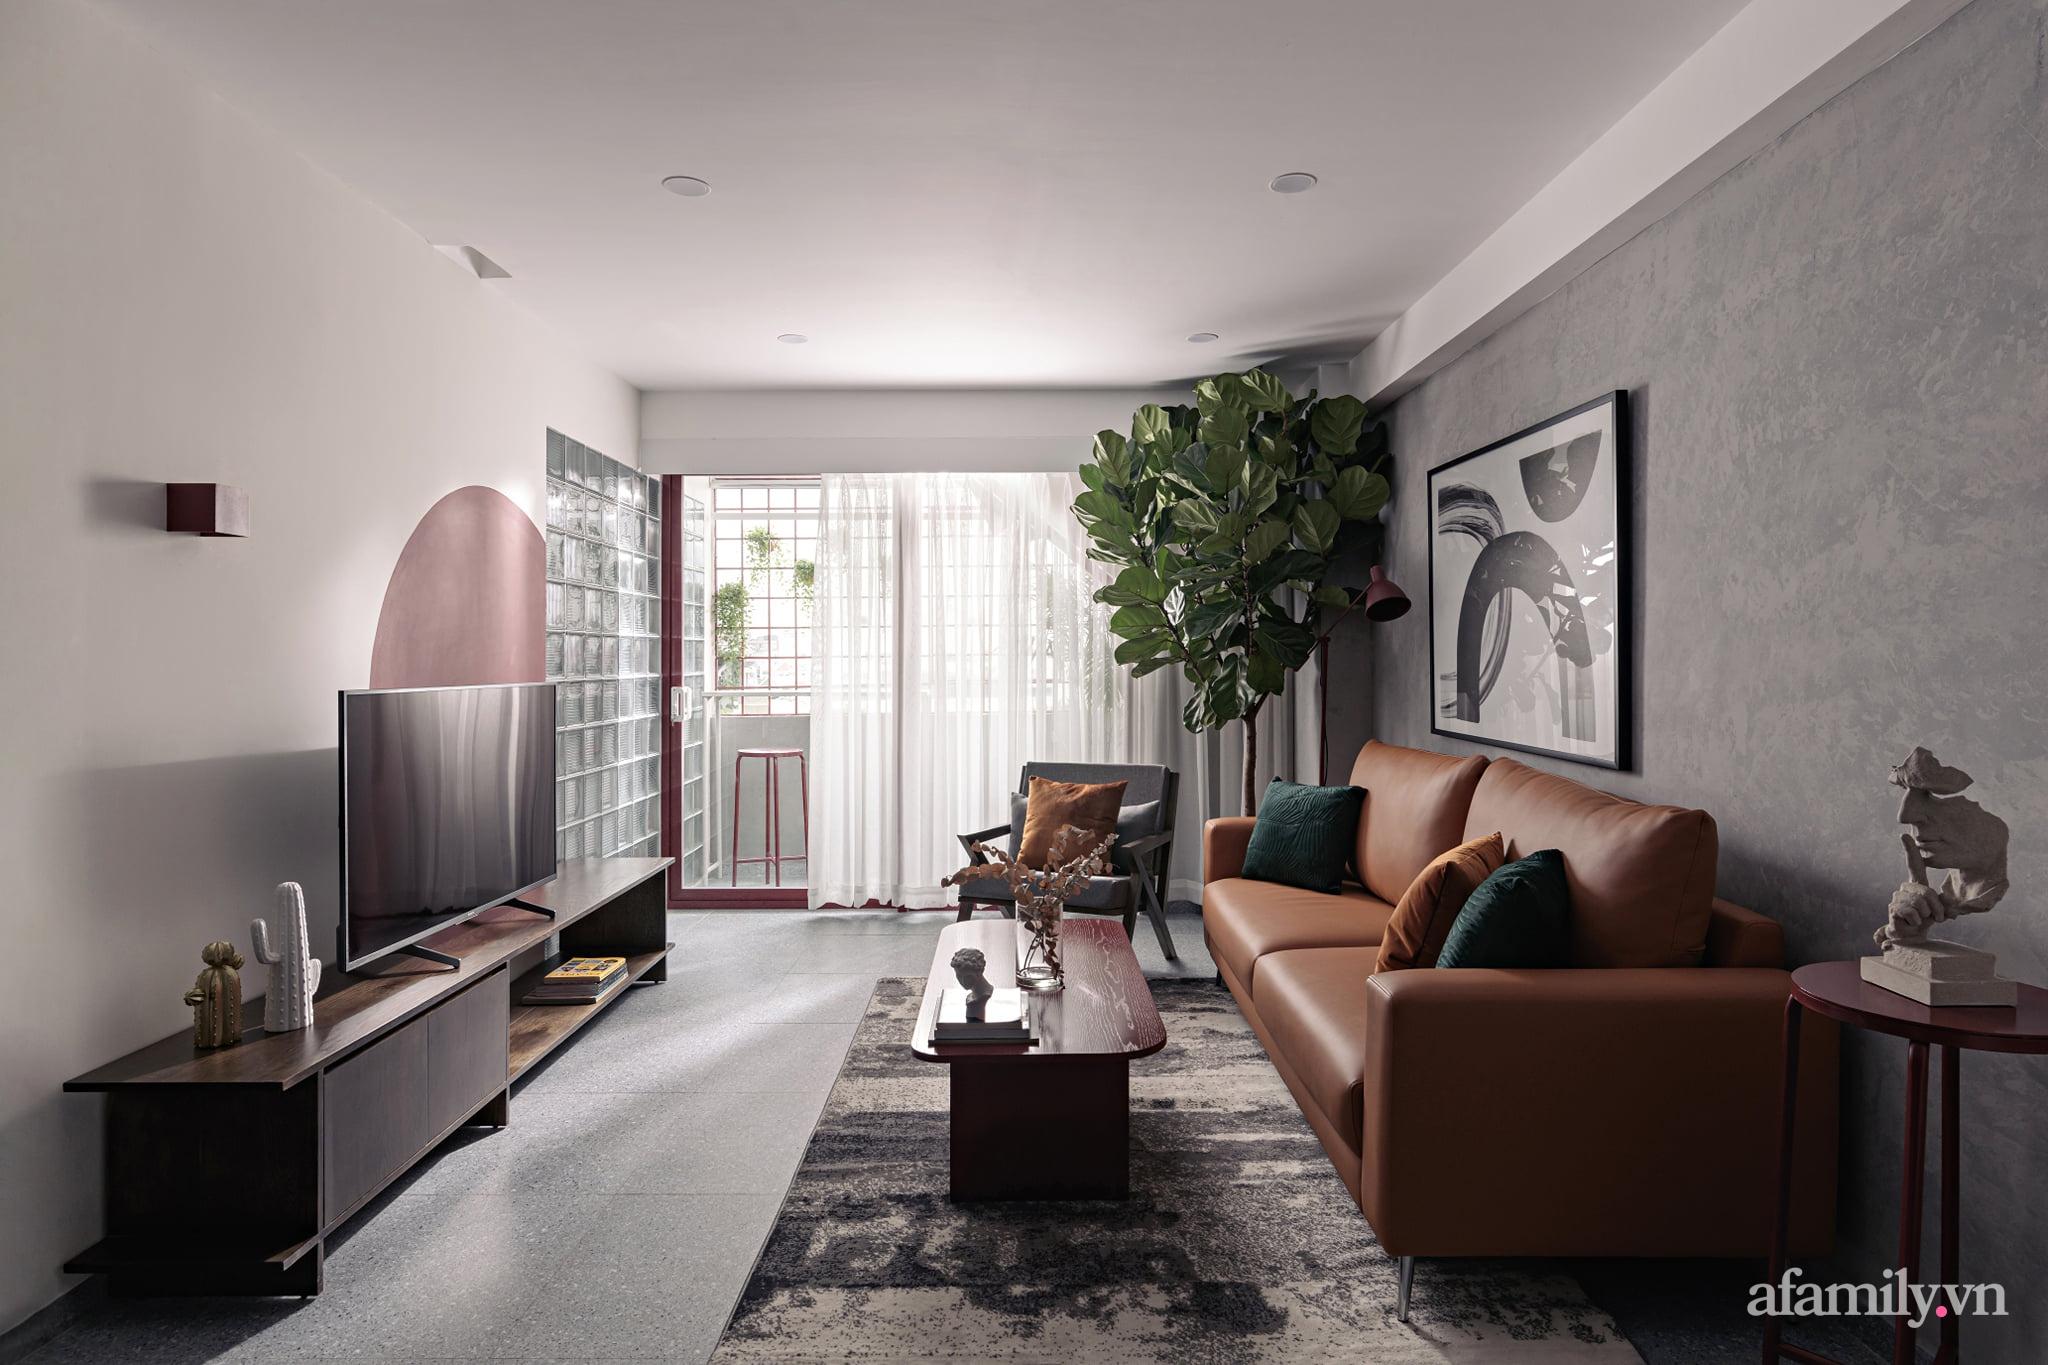 Từ Mỹ trở về Sài Gòn, chàng trai chi 300 triệu sửa căn hộ xây từ 20 năm trước thành không gian đẹp như tranh vẽ - Ảnh 6.